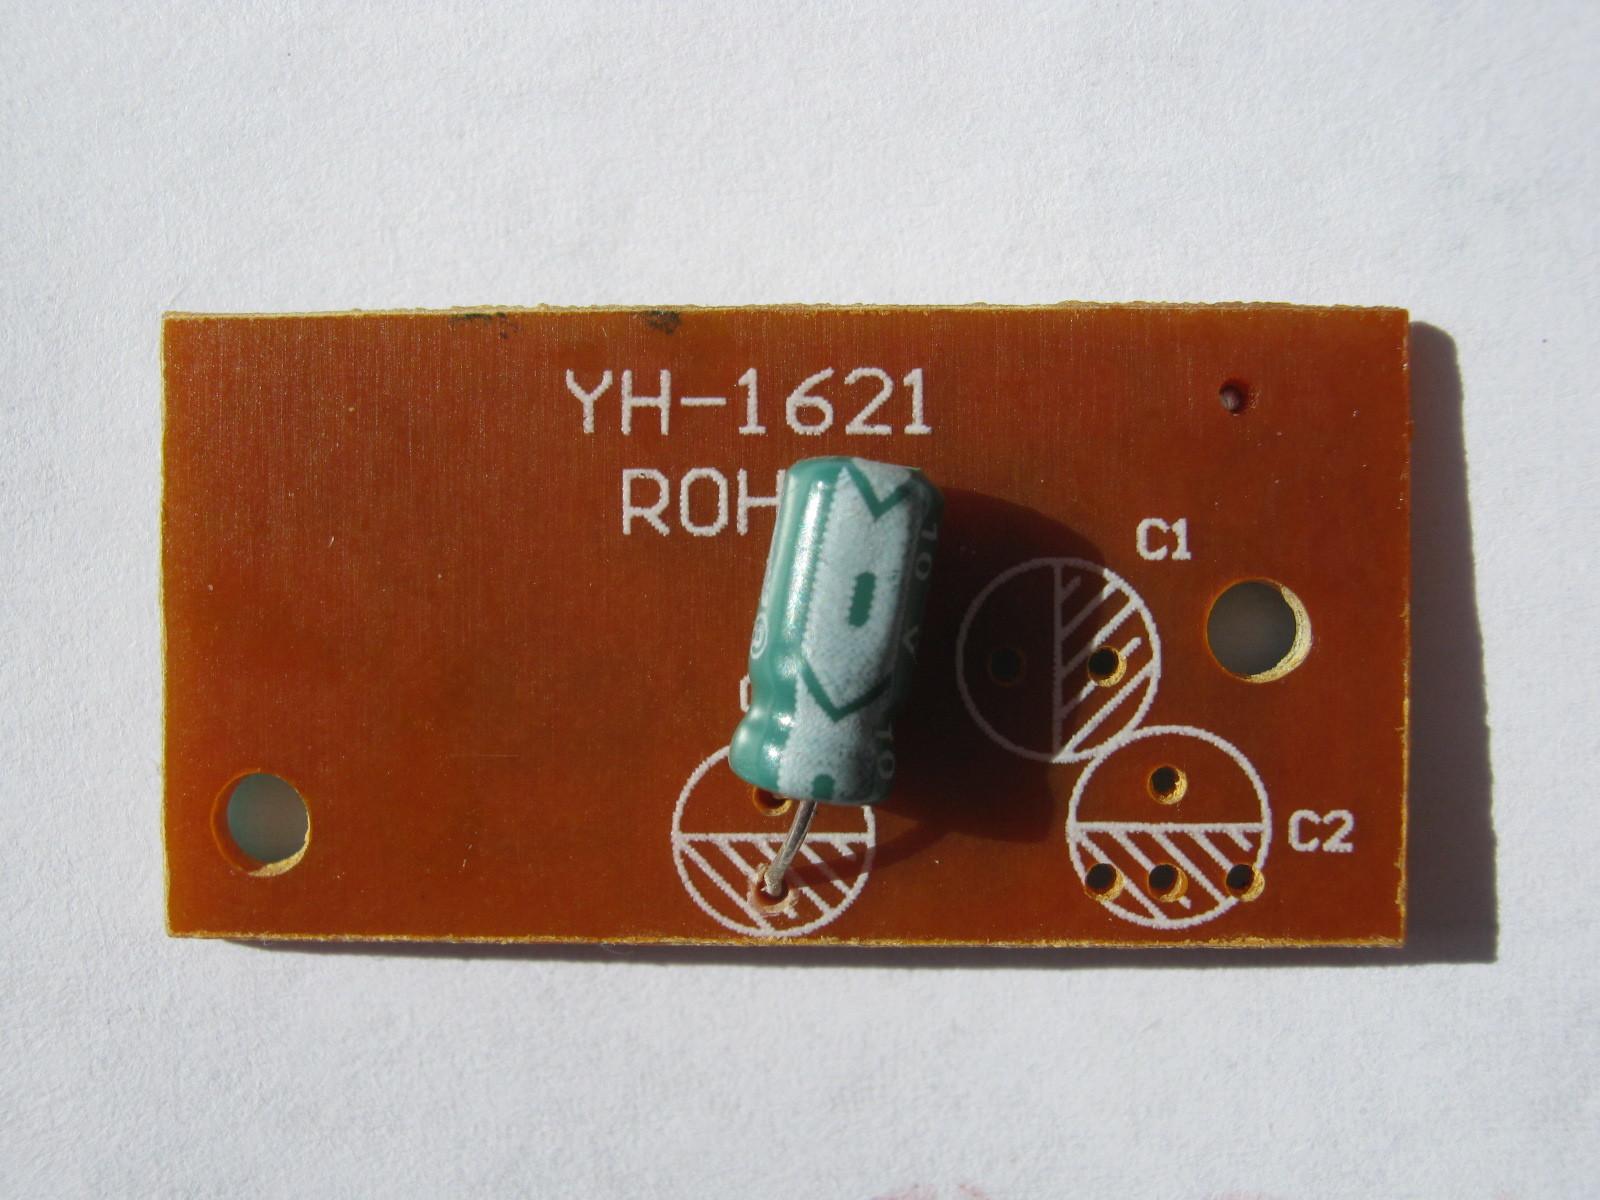 ミミクリーペット3(ボイスレコーダー・チェンジャー換装)元基板表